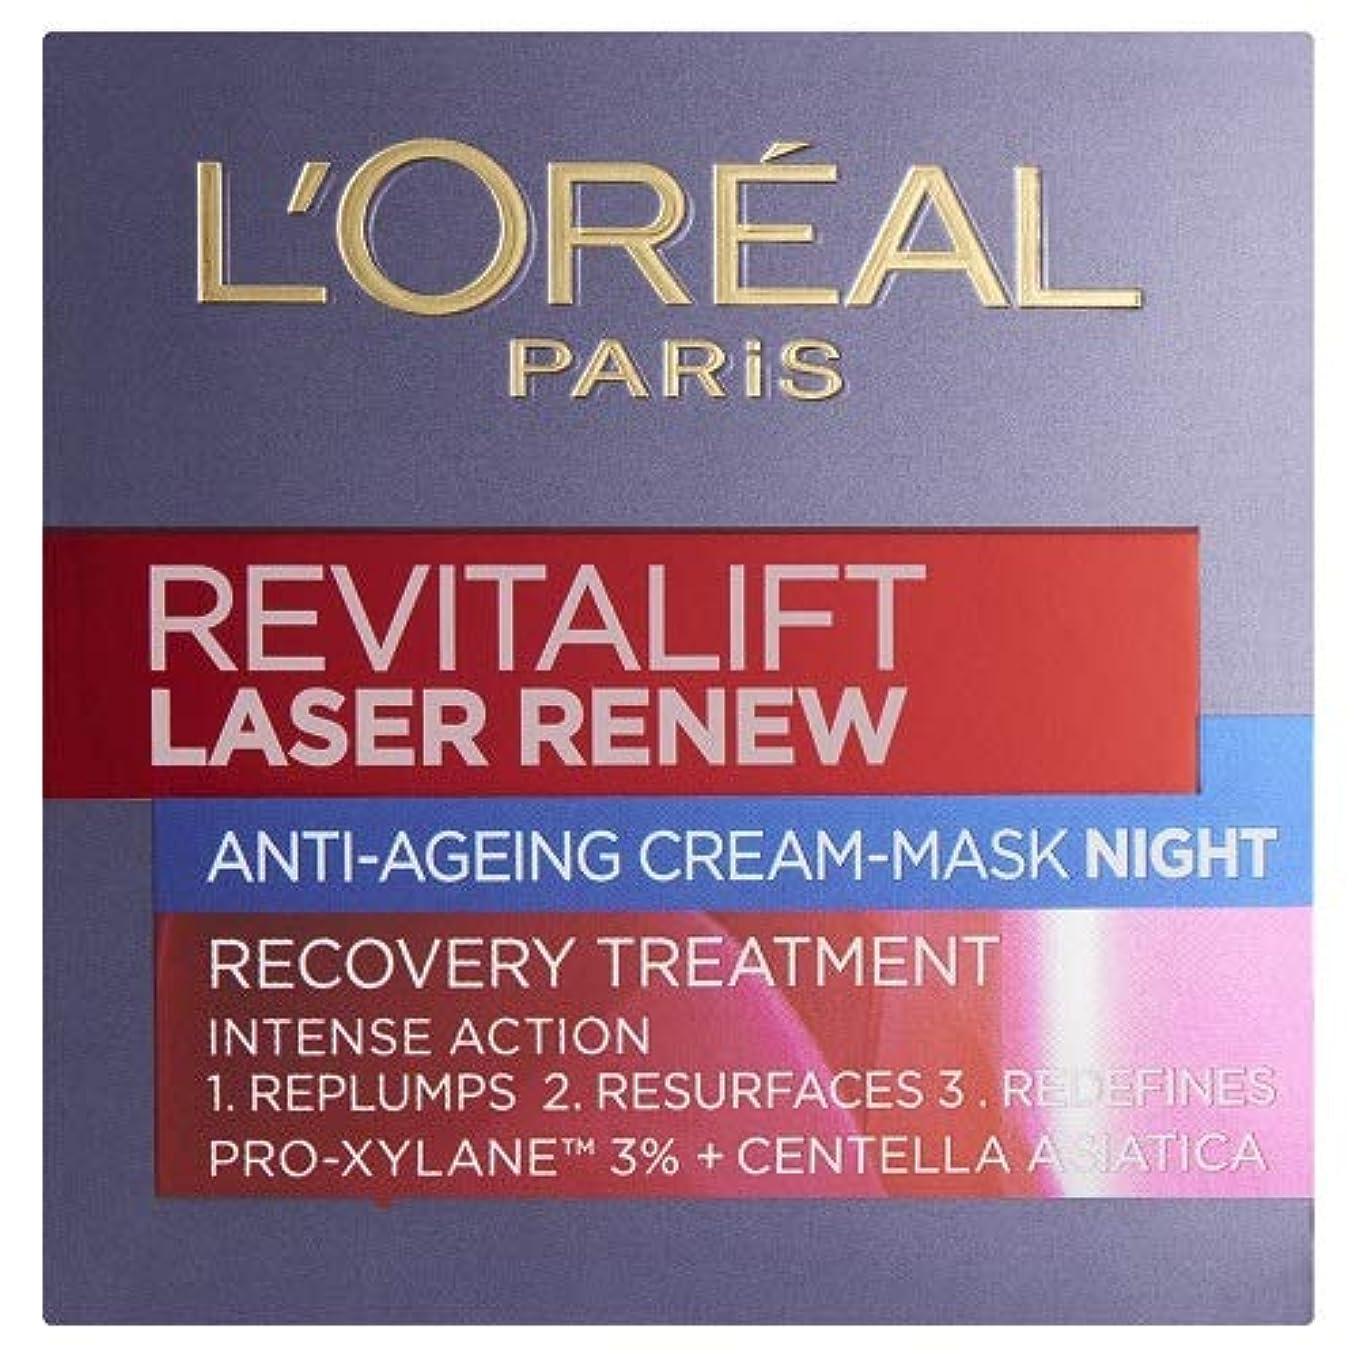 ベーシックヘクタール葡萄L'Oreal Paris Revitalift Laser Renew Night Cream (50ml) パリrevitaliftレーザーはナイトクリームを更新l'オラ?ら( 50ミリリットル)